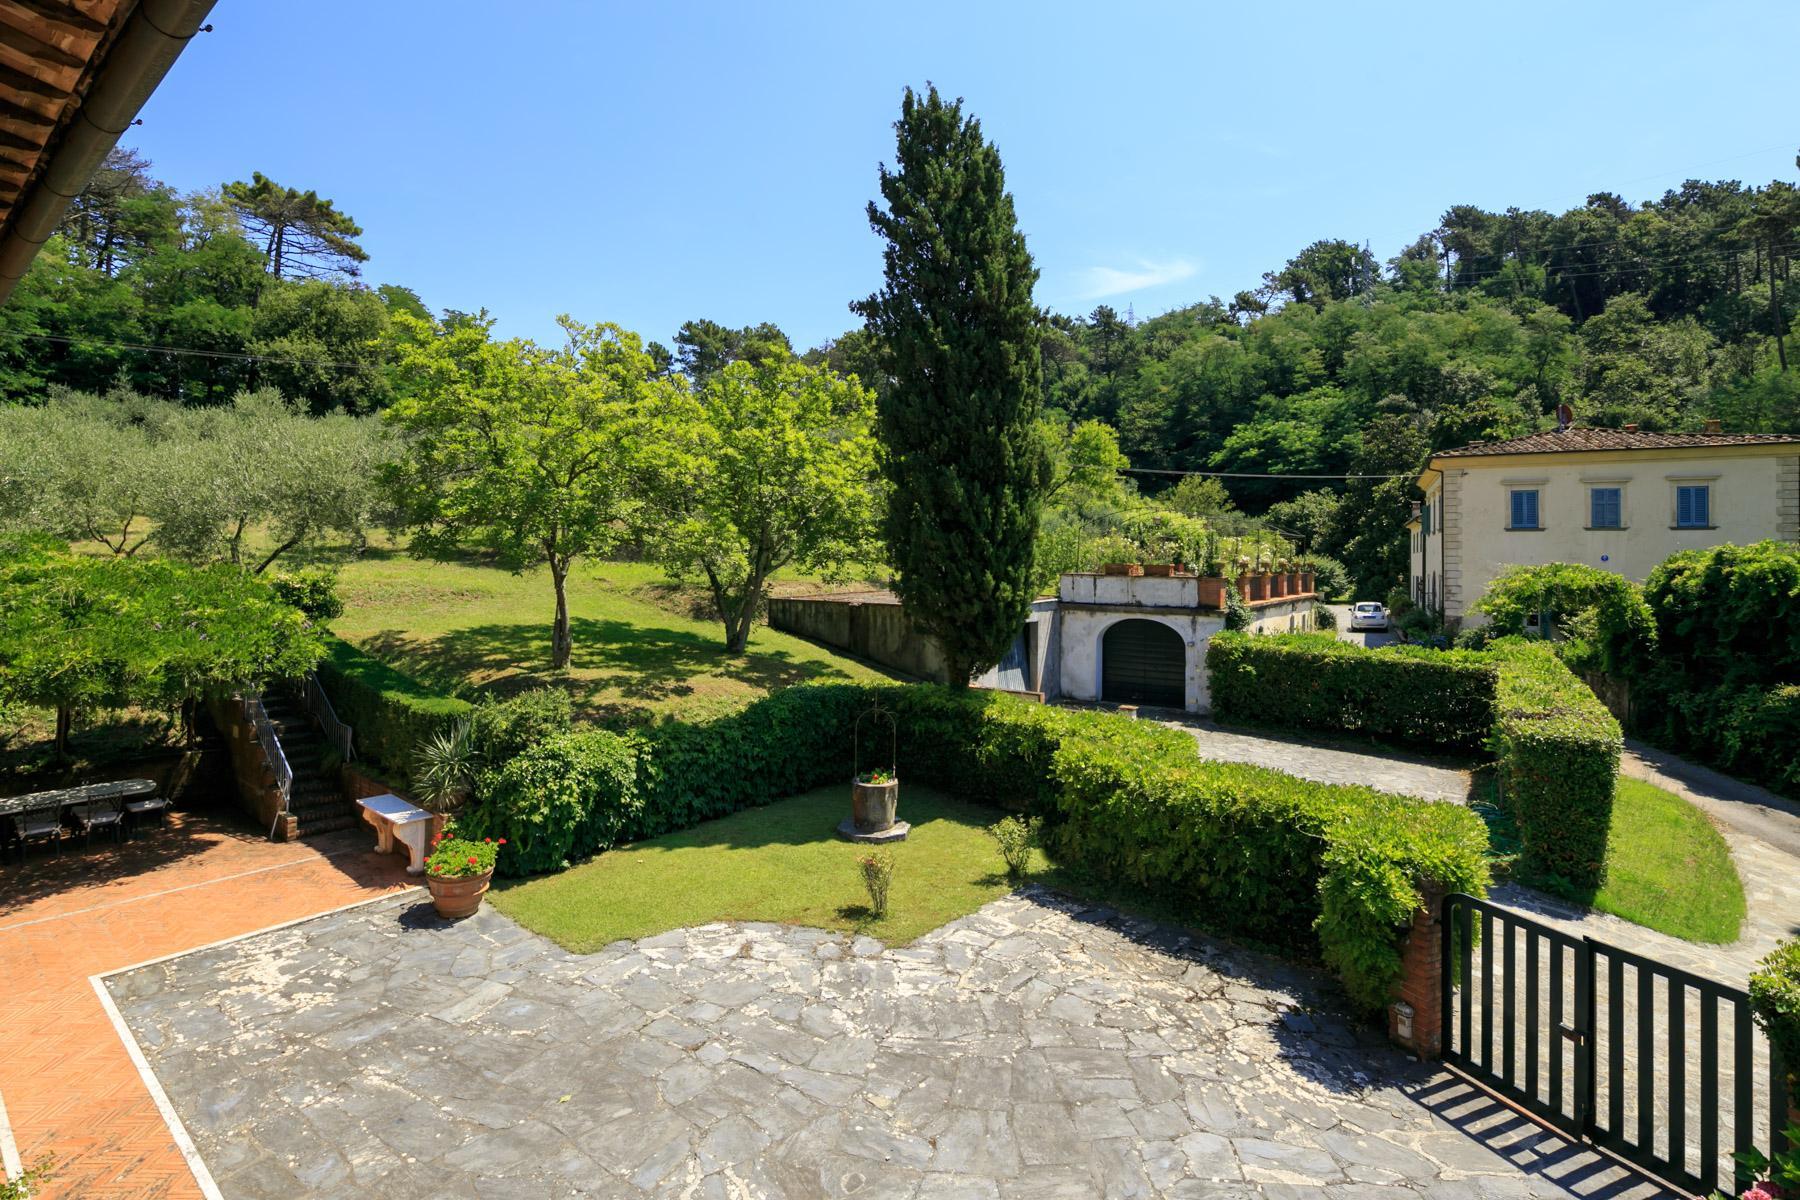 Elegante Villa mit Park und Olivenhainen auf dem Land Luccas - 17